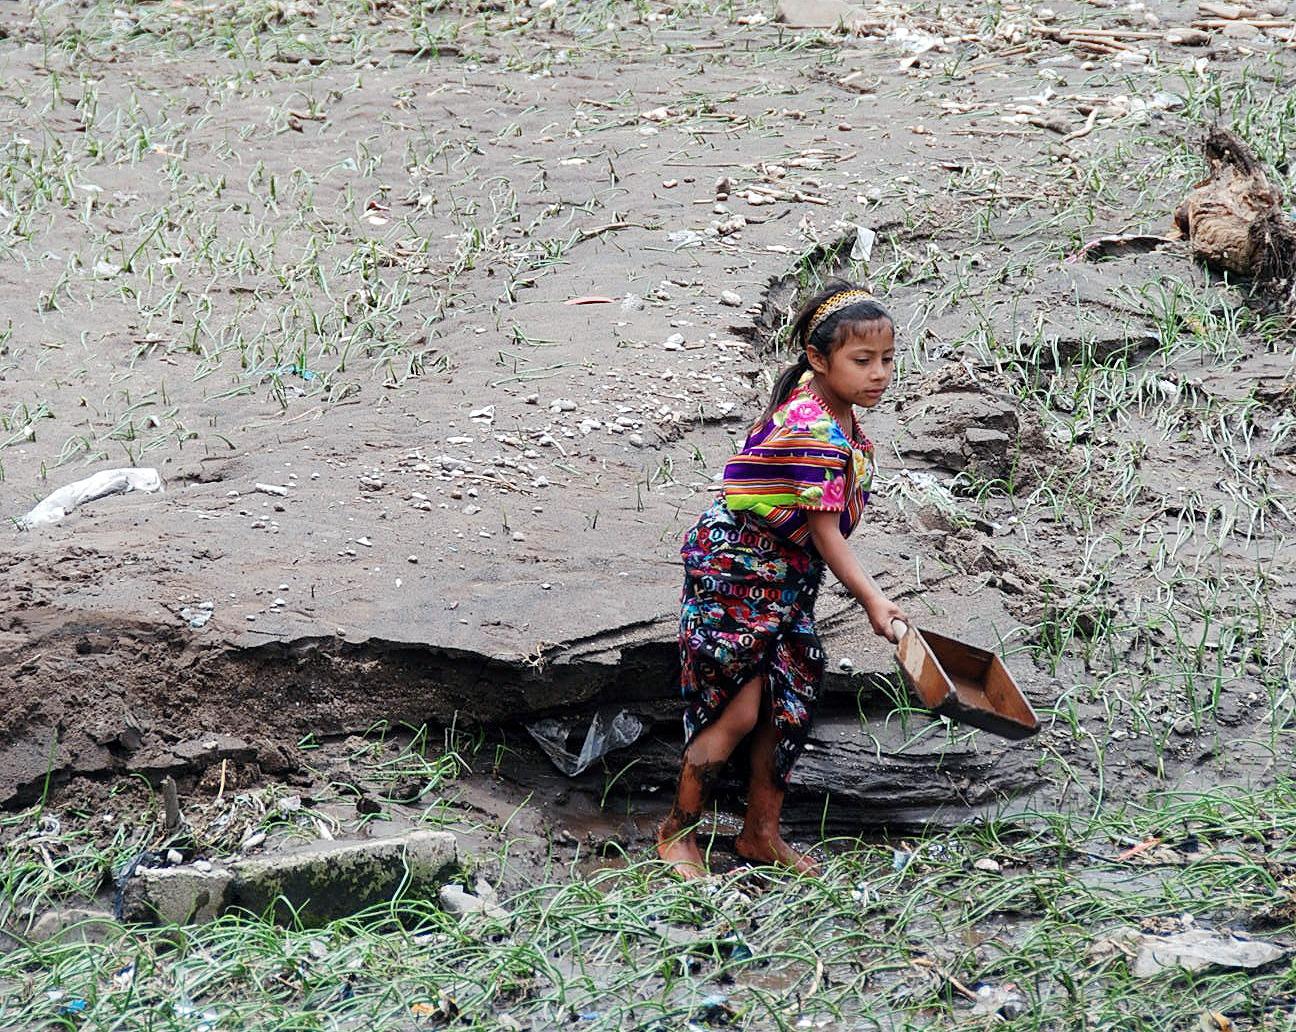 Agricultores de Quetzaltenango han reportado problemas en sus cultivos debido a que la fuerte lluvia ha ocasionado deslaves y estos han dañado hortalizas; además en campos con sembradíos de maíz, frijol, haba y papa entre otros.